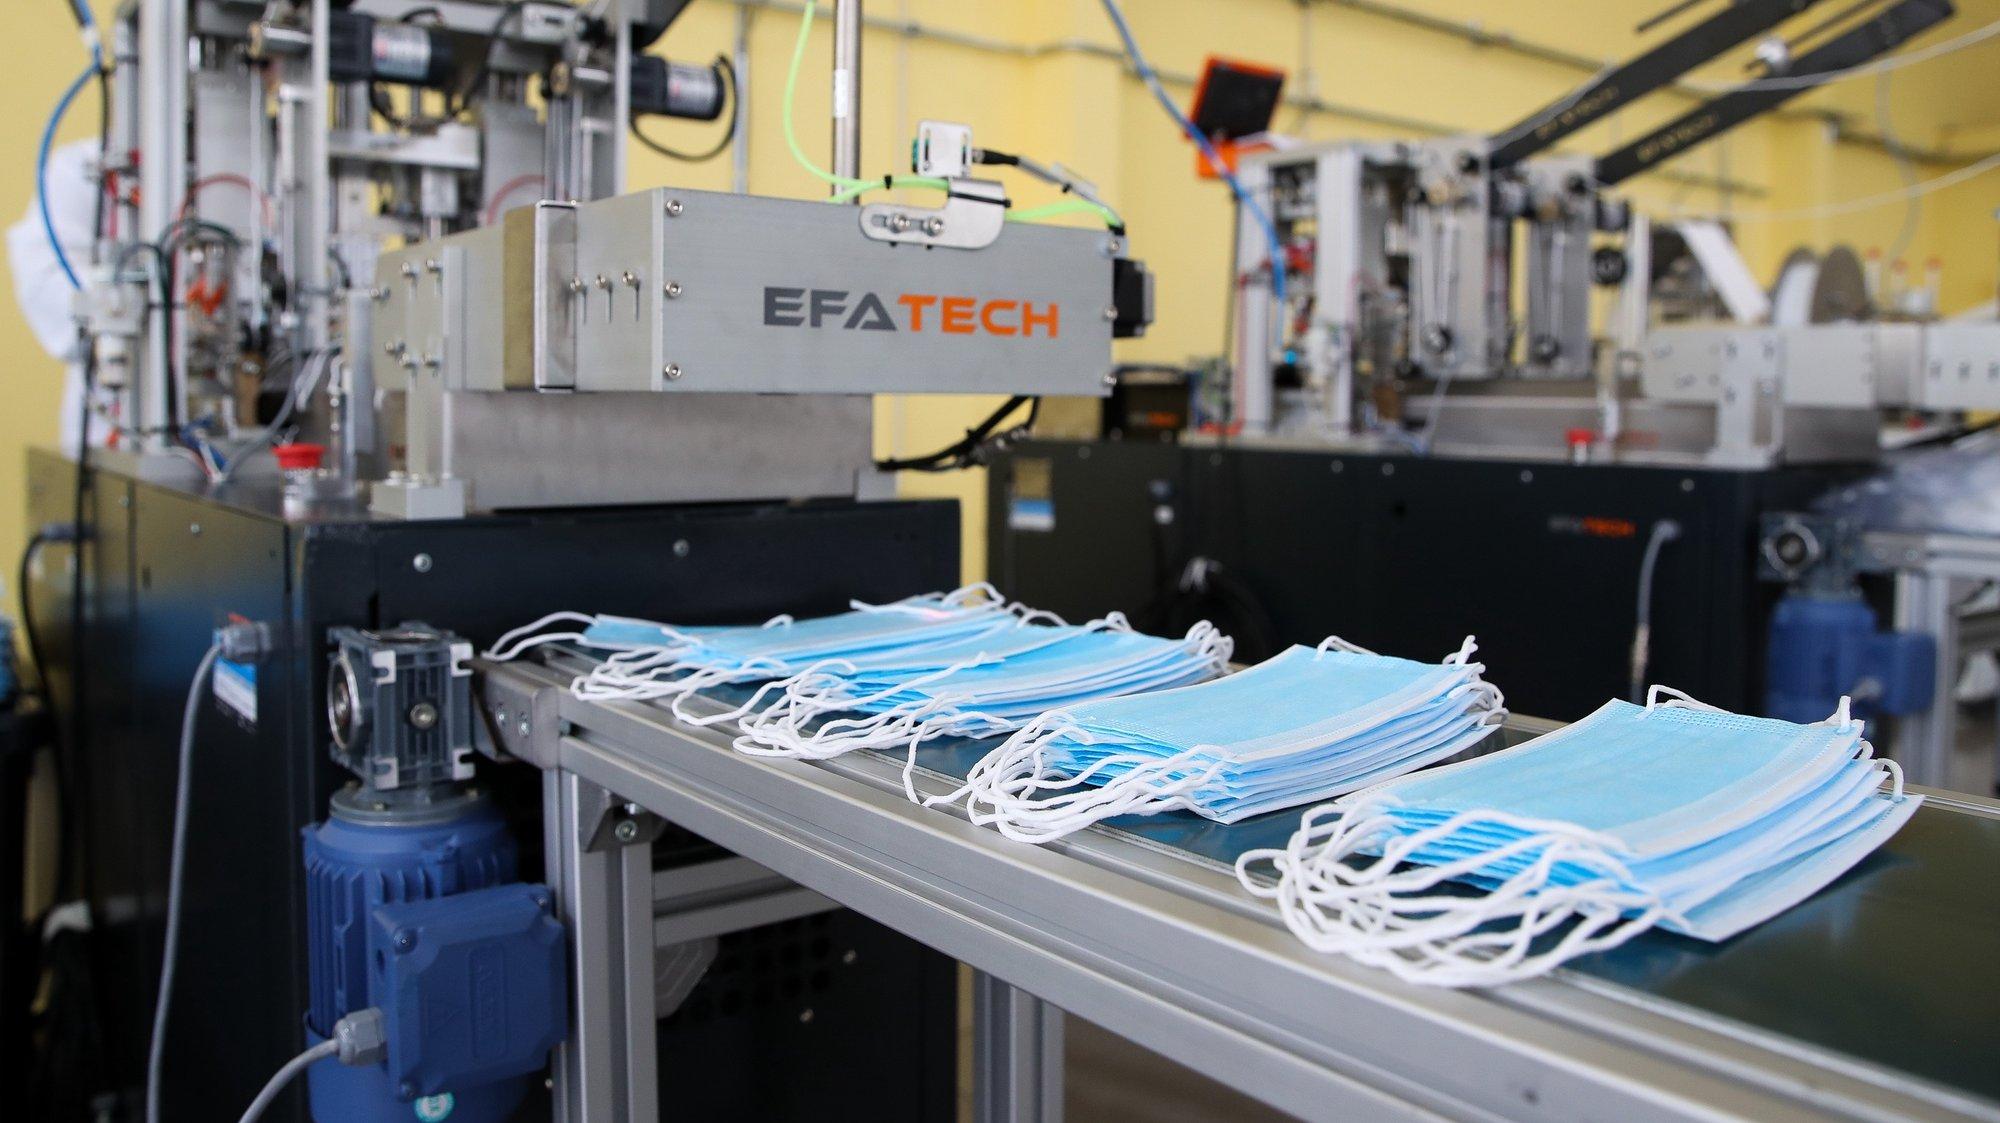 Produção de máscaras de proteção cirúrgicas na empresa Walking Habit, na Figueira da Foz, 04 de fevereiro de 2021. Criada em 2020, durante a pandemia covid-19, para produzir máscaras de proteção  a empresa Walking Habit, e já exporta 25% da sua produção, que atinge mais de quatro milhões de dispositivos mensais, (ACOMPANHA TEXTO DA LUSA DO DIA 07 DE FEVEREIRO DE 2021). PAULO NOVAIS/LUSA